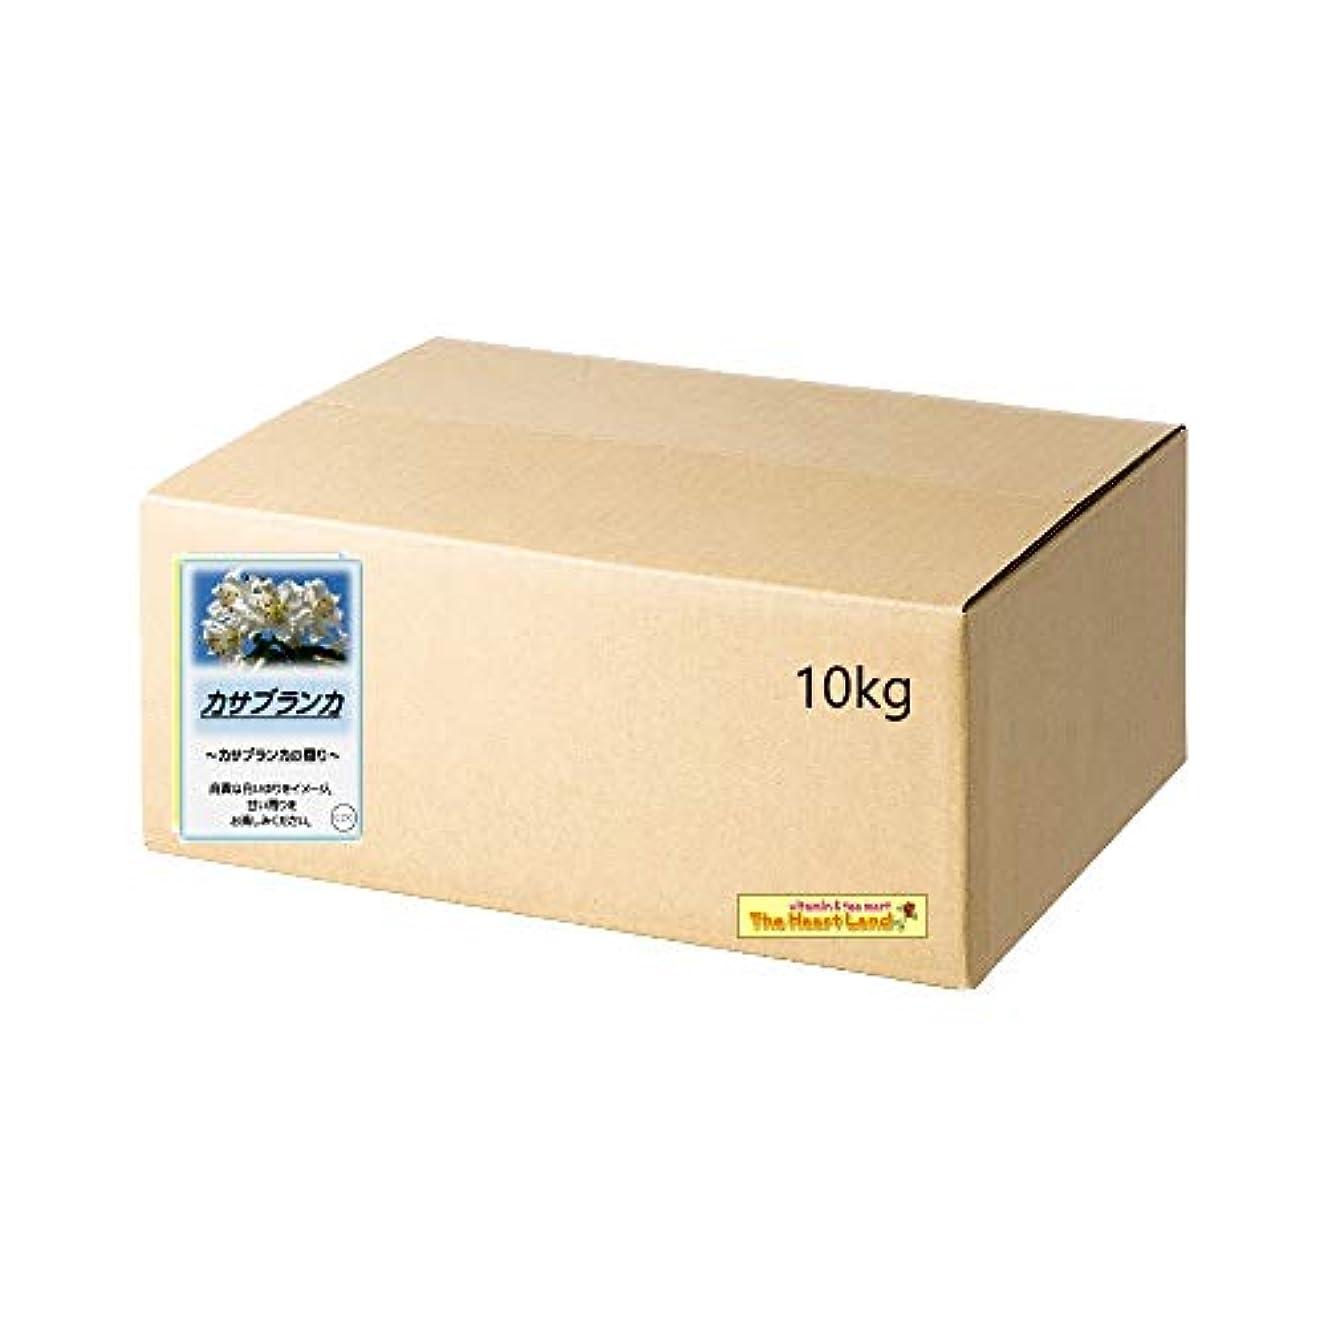 ガラガラ冷ややかな段階アサヒ入浴剤 浴用入浴化粧品 カサブランカ 10kg